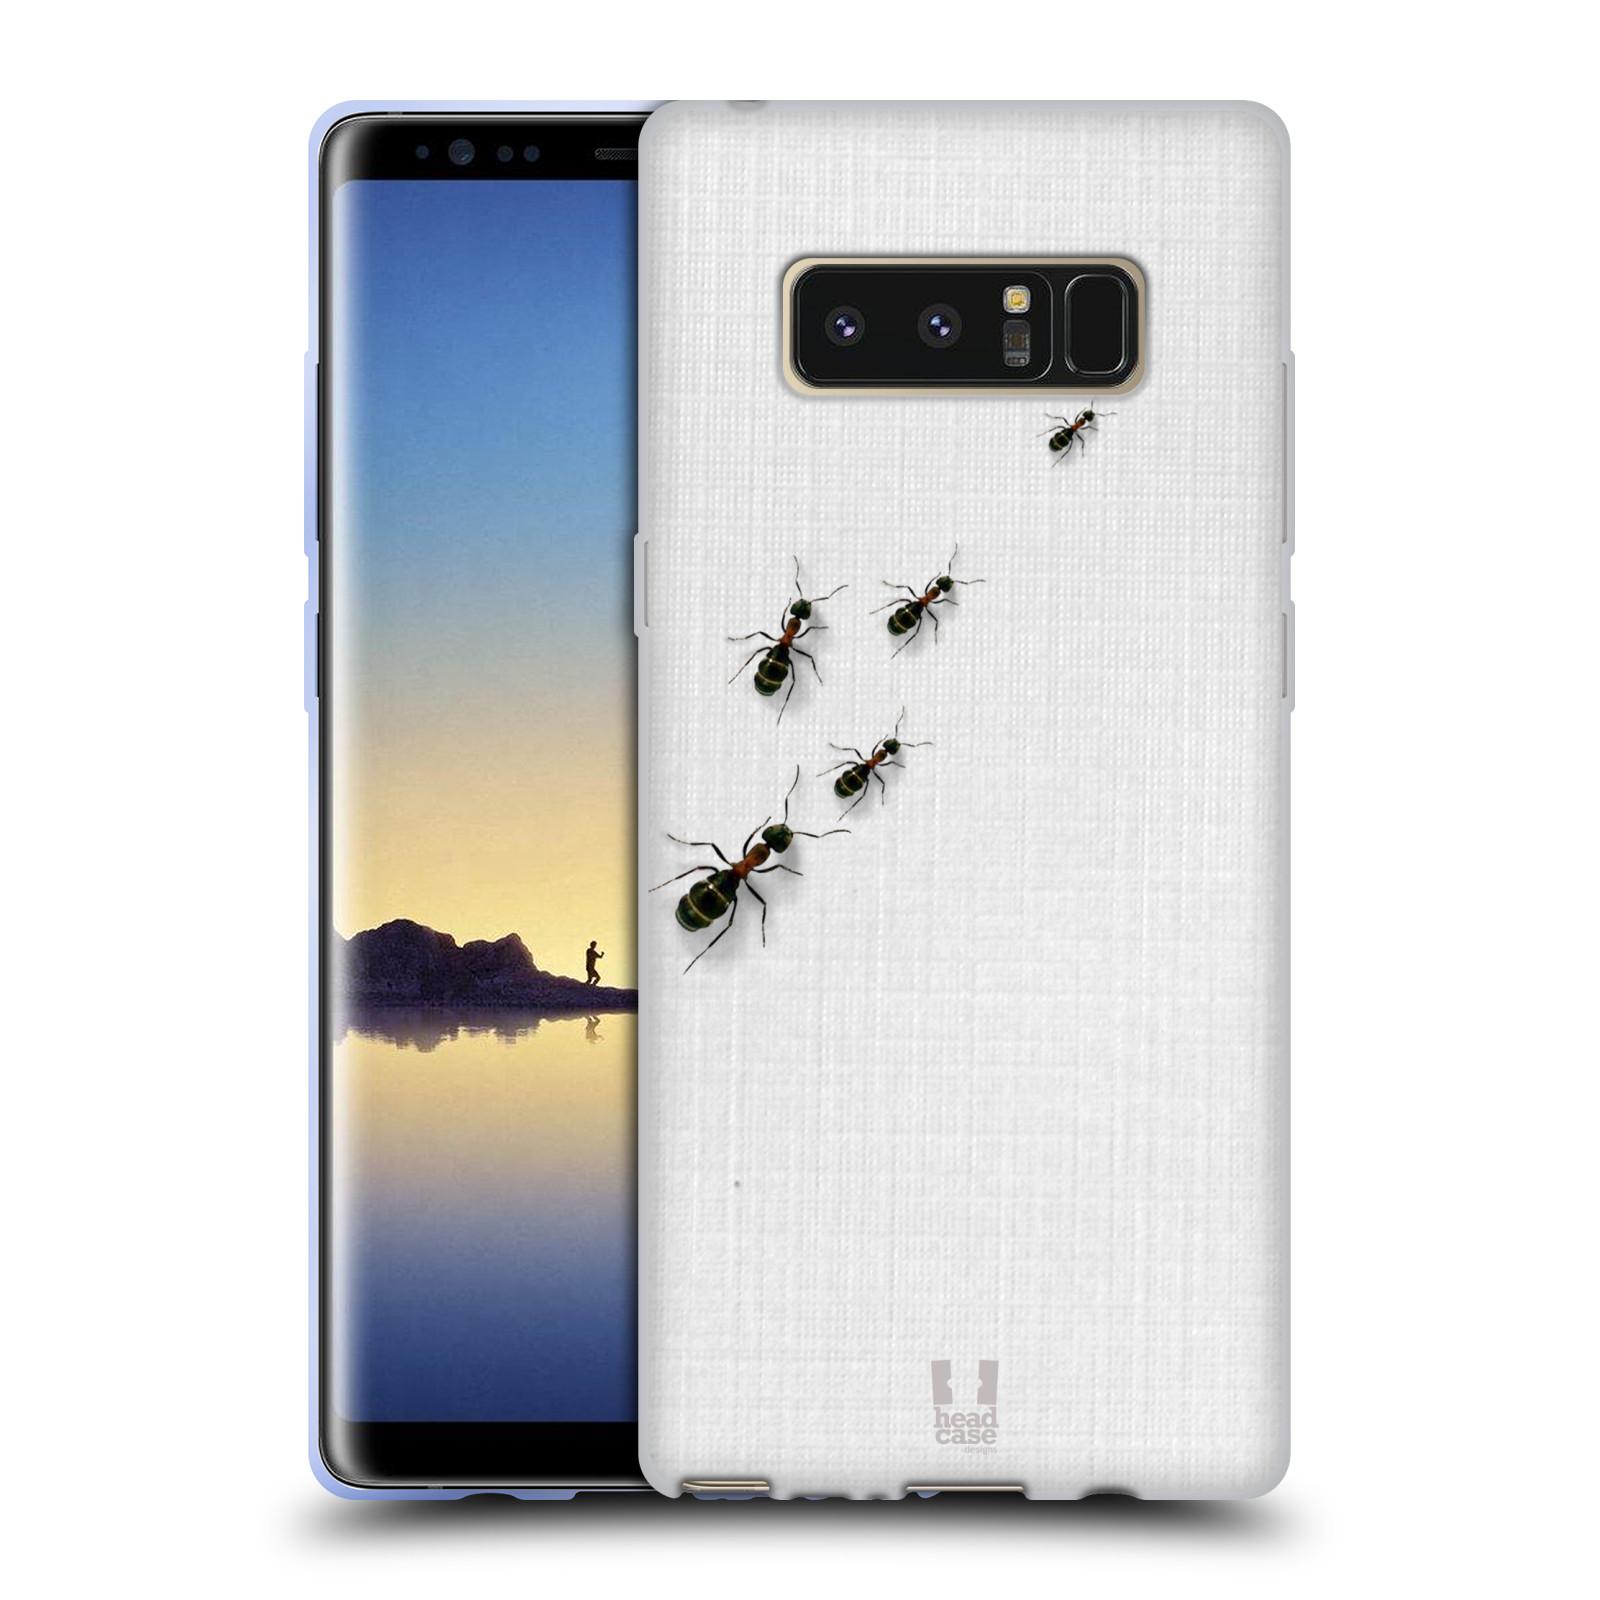 Funda HEAD CASE DESIGNS Camaleón suave Gel caso para Samsung Galaxy Note 8